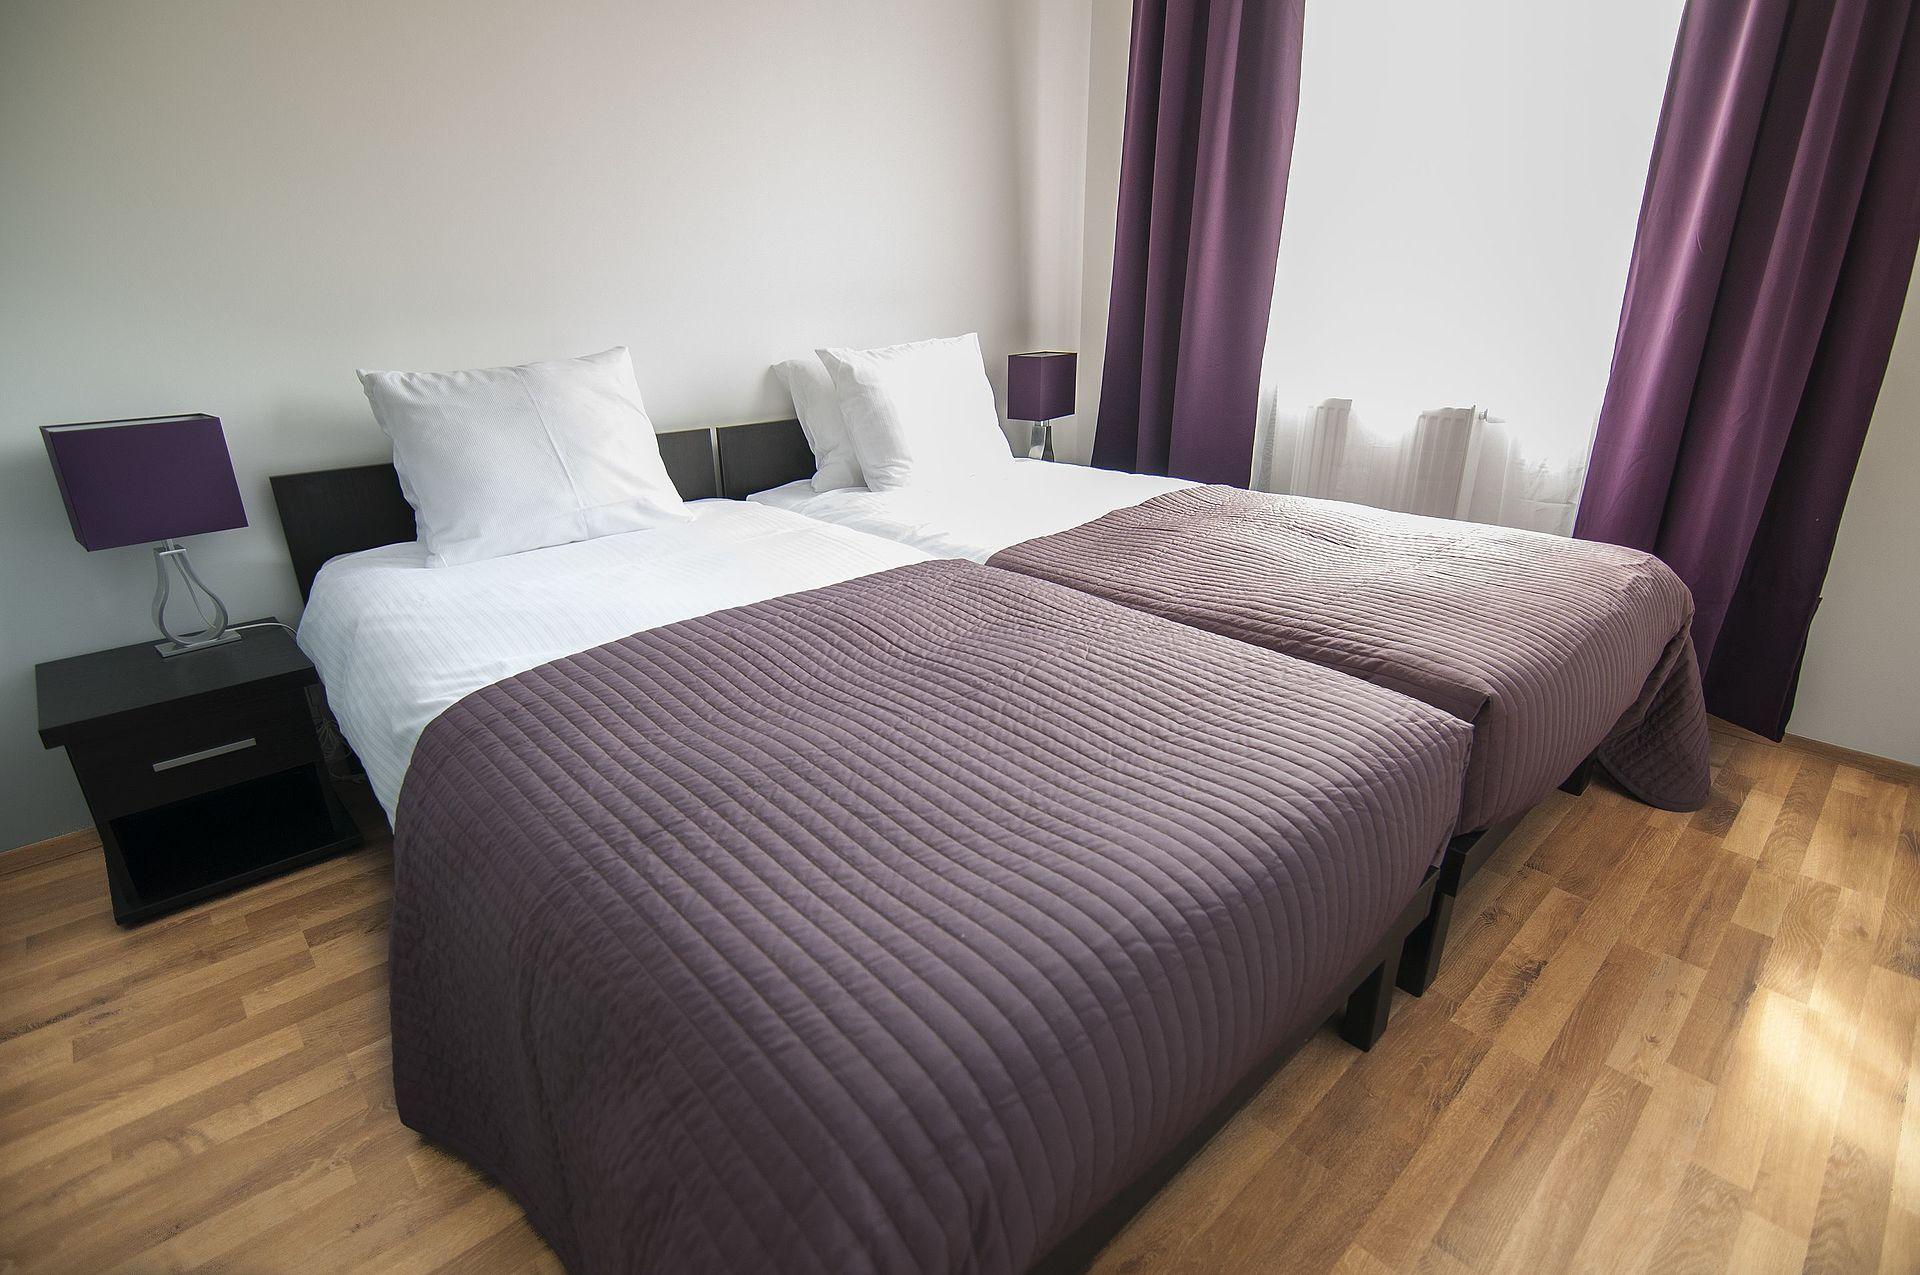 2 Bedroom Apartment Brooklyn